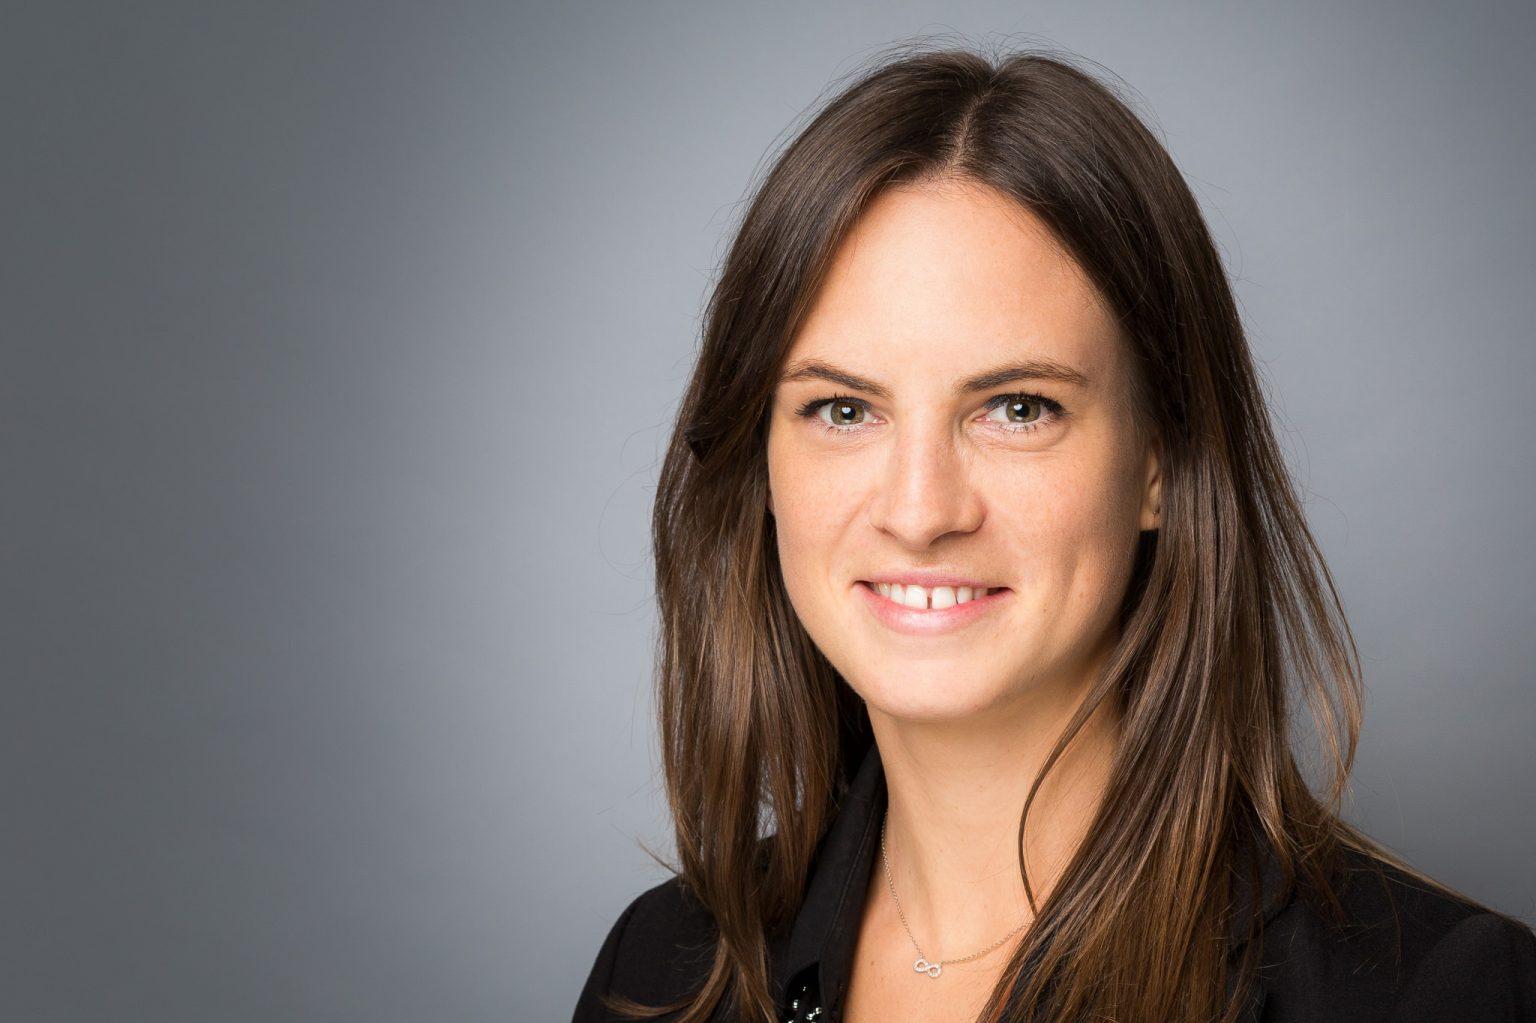 Justine Hubert